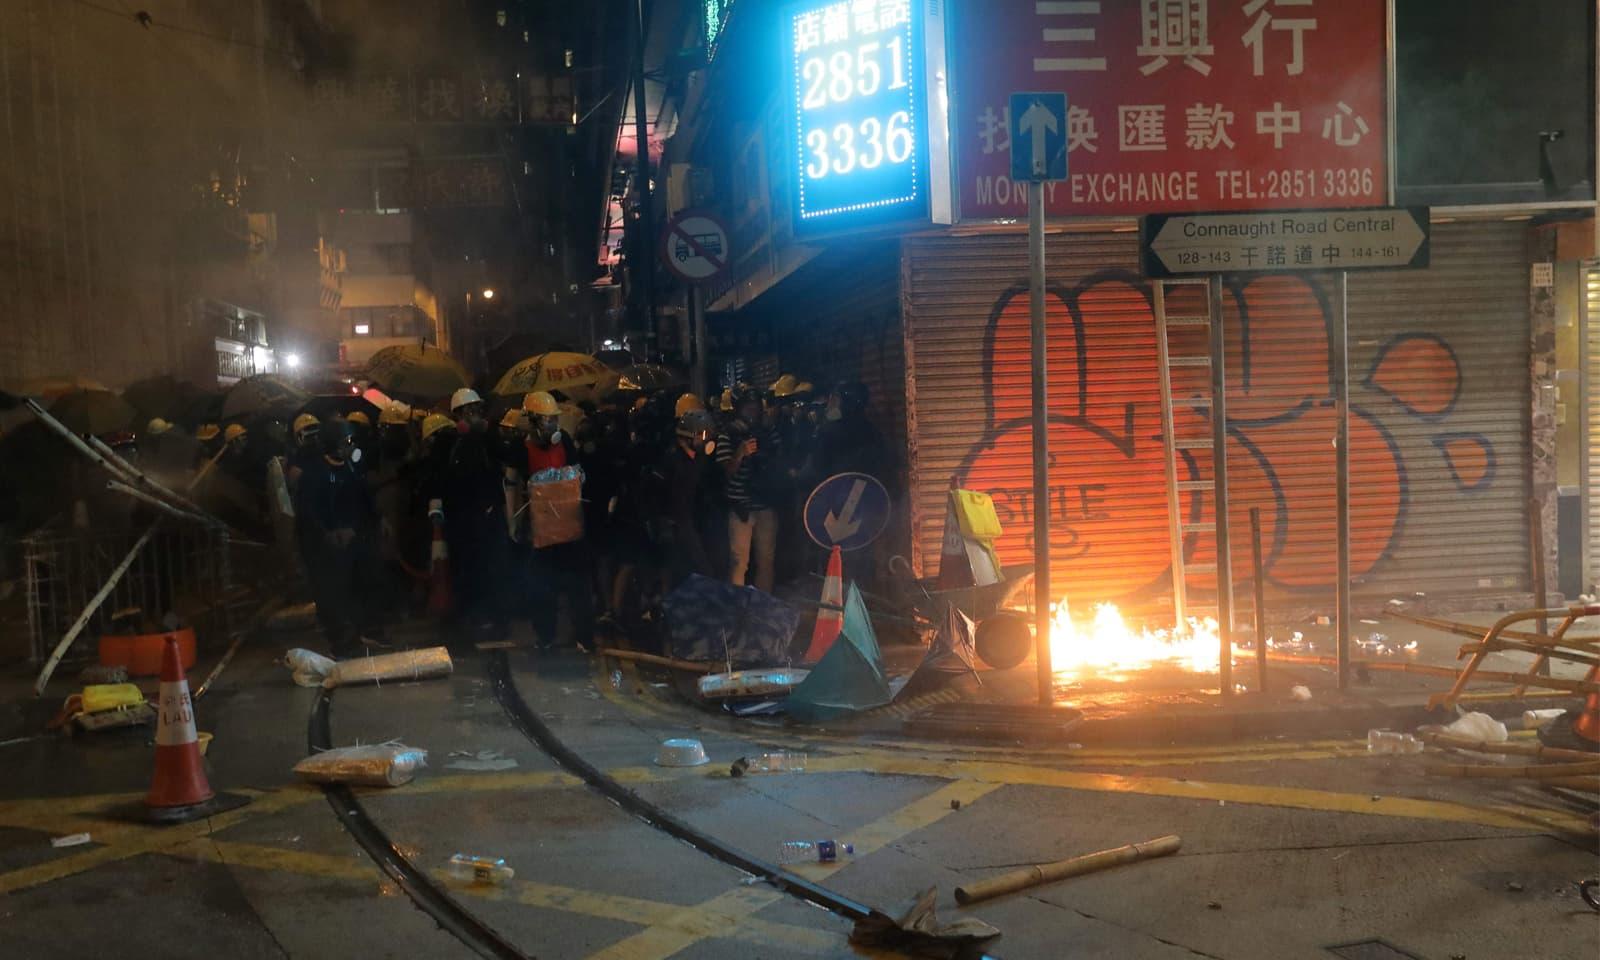 ہانگ کانگ کو املاک کی توڑ پھوڑ سمیت بھاری مالیت کا نقصان بھی اٹھانا پڑرہا ہے—فوٹو: اے ایف پی